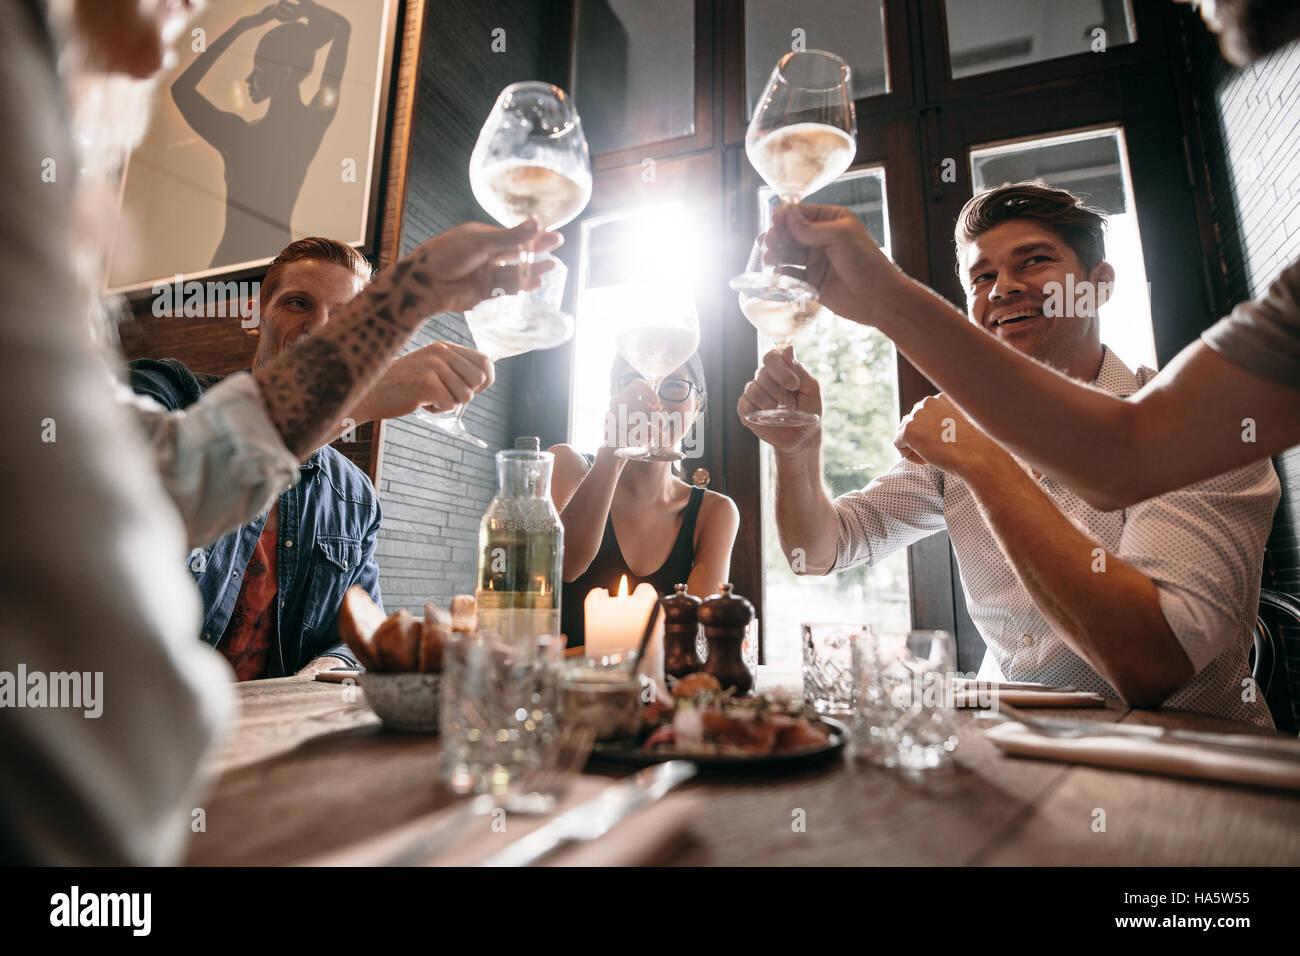 Groupe de jeunes de faire un toast au restaurant. Les hommes et les femmes assis à une table à café et le grillage Banque D'Images